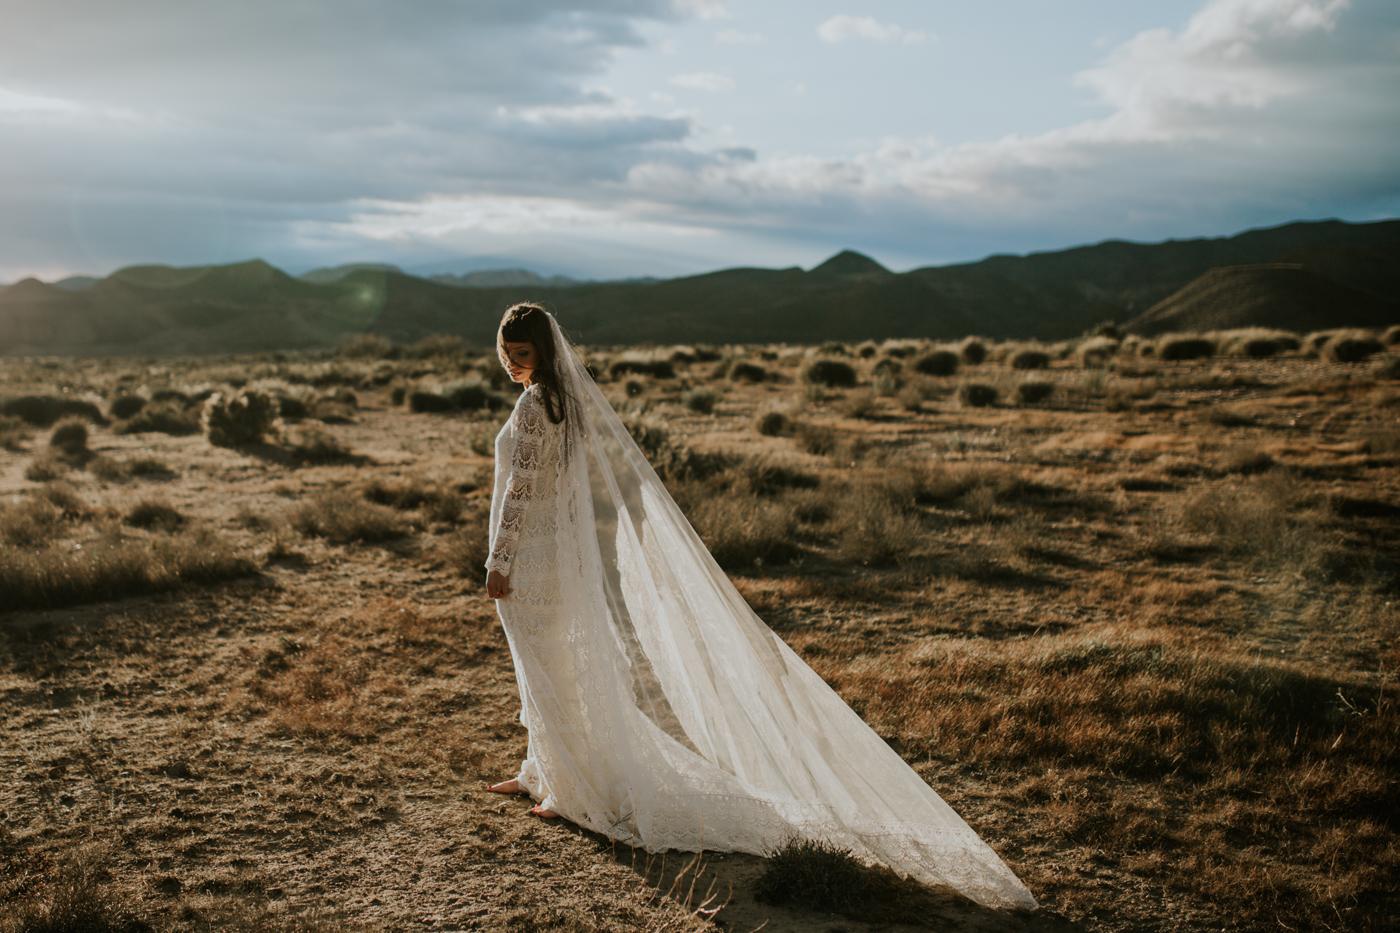 veil bride wedding planner spain